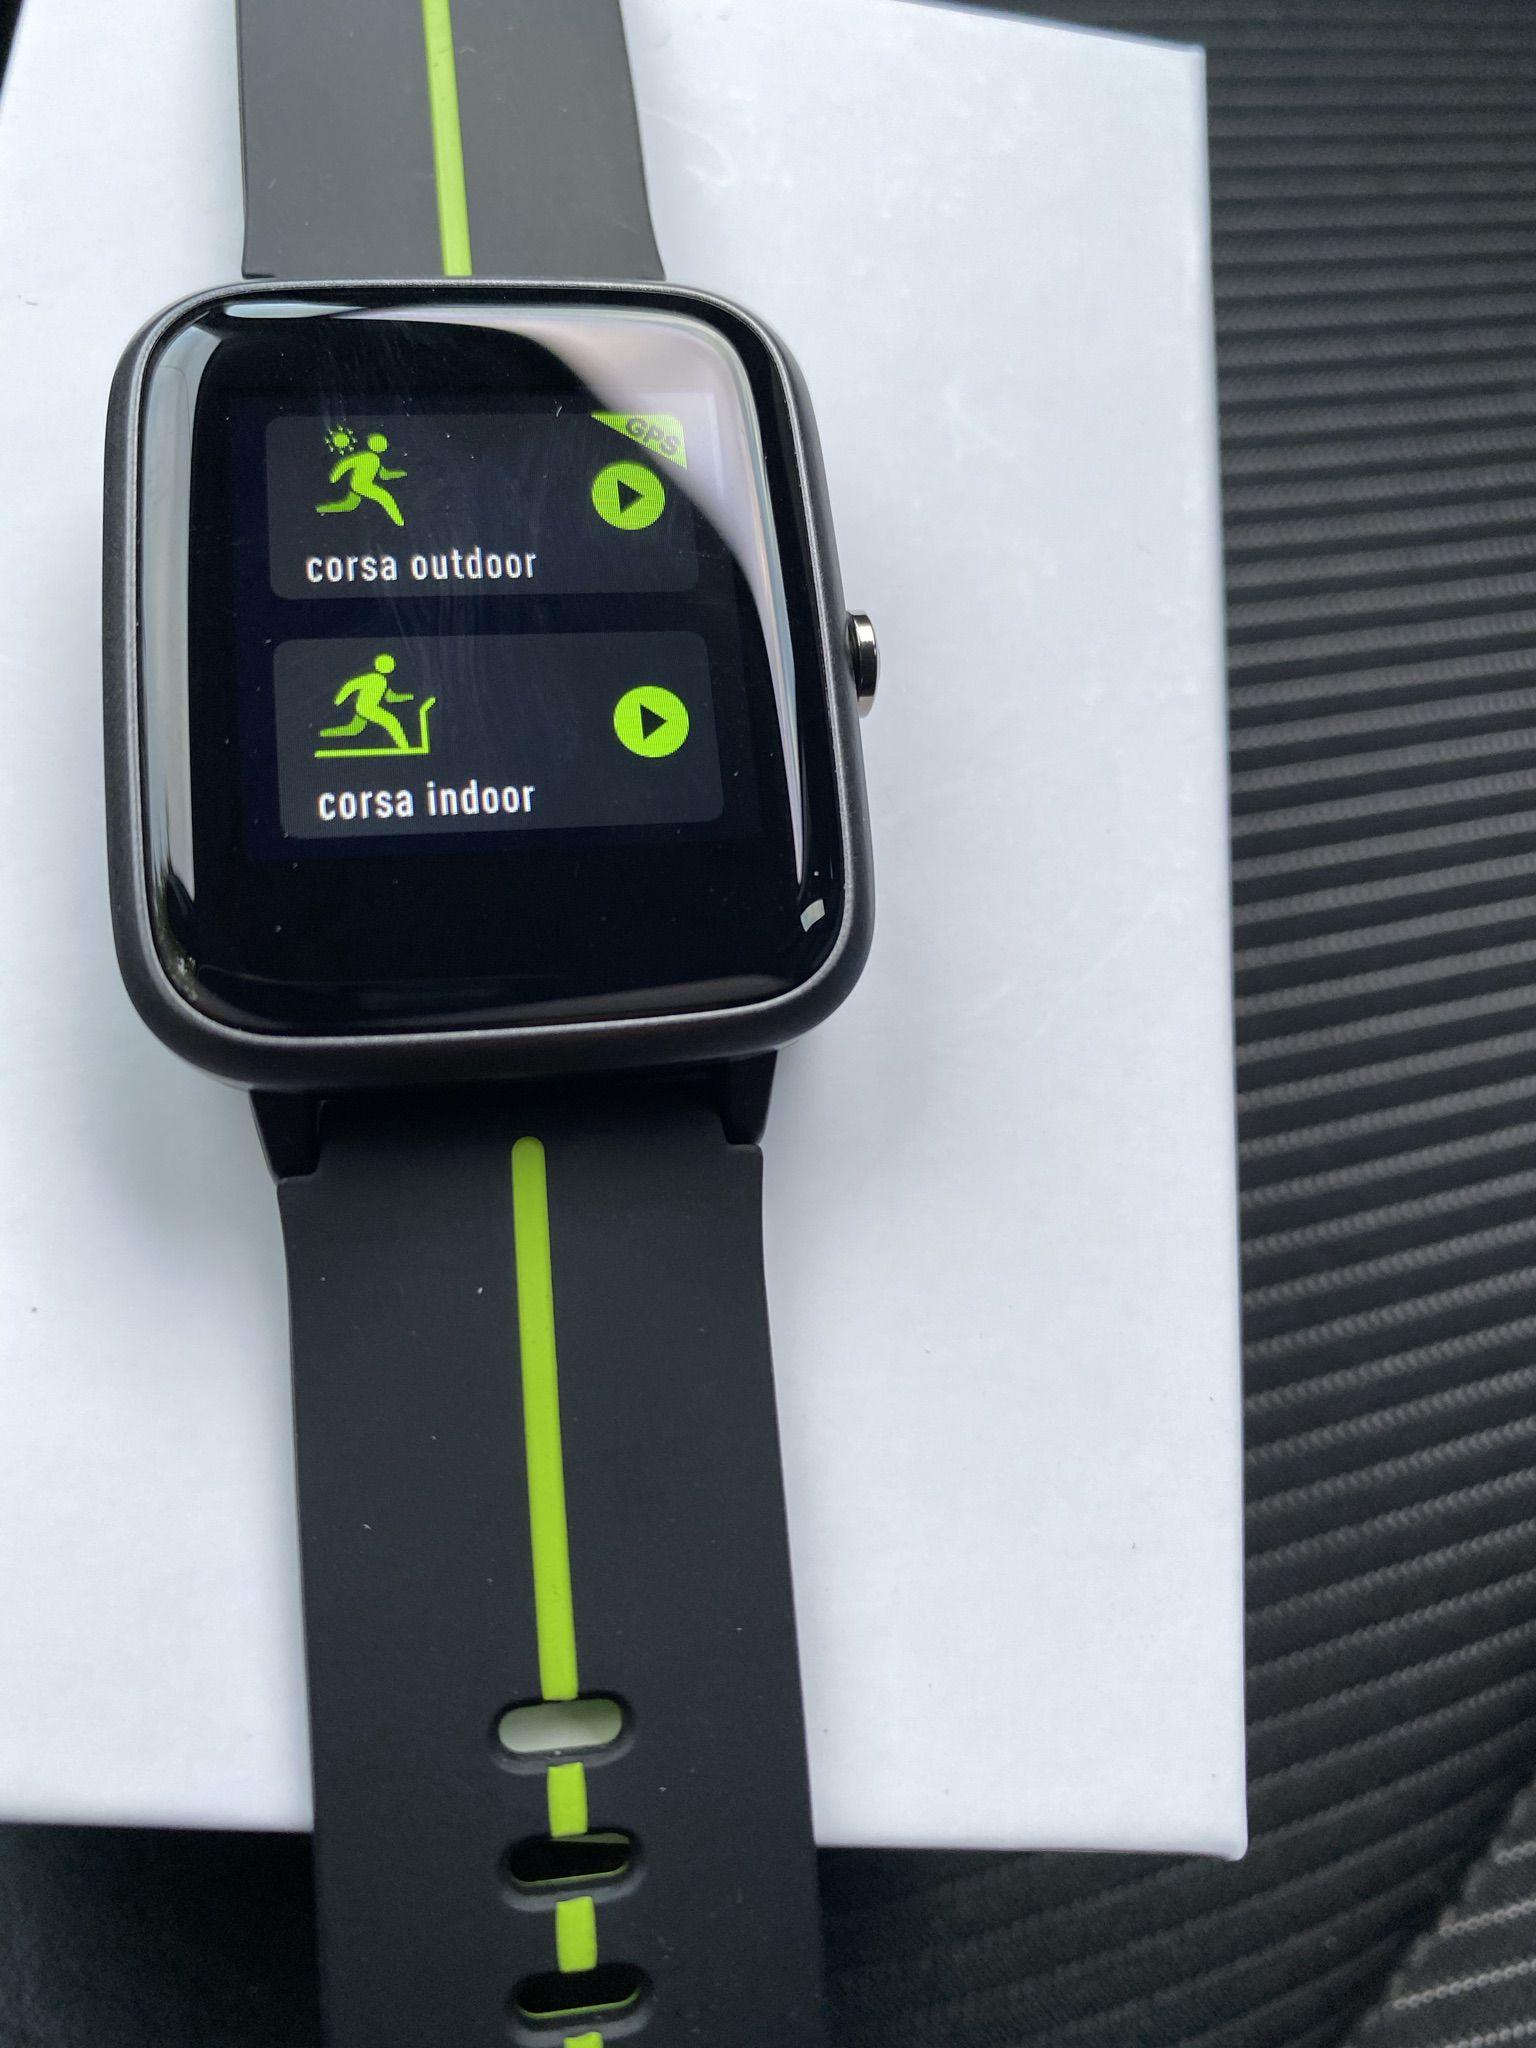 Recensione-TicKasa-Vibrant-6 Recensione TicKasa Vibrant, Fitness Smartwatch Economico